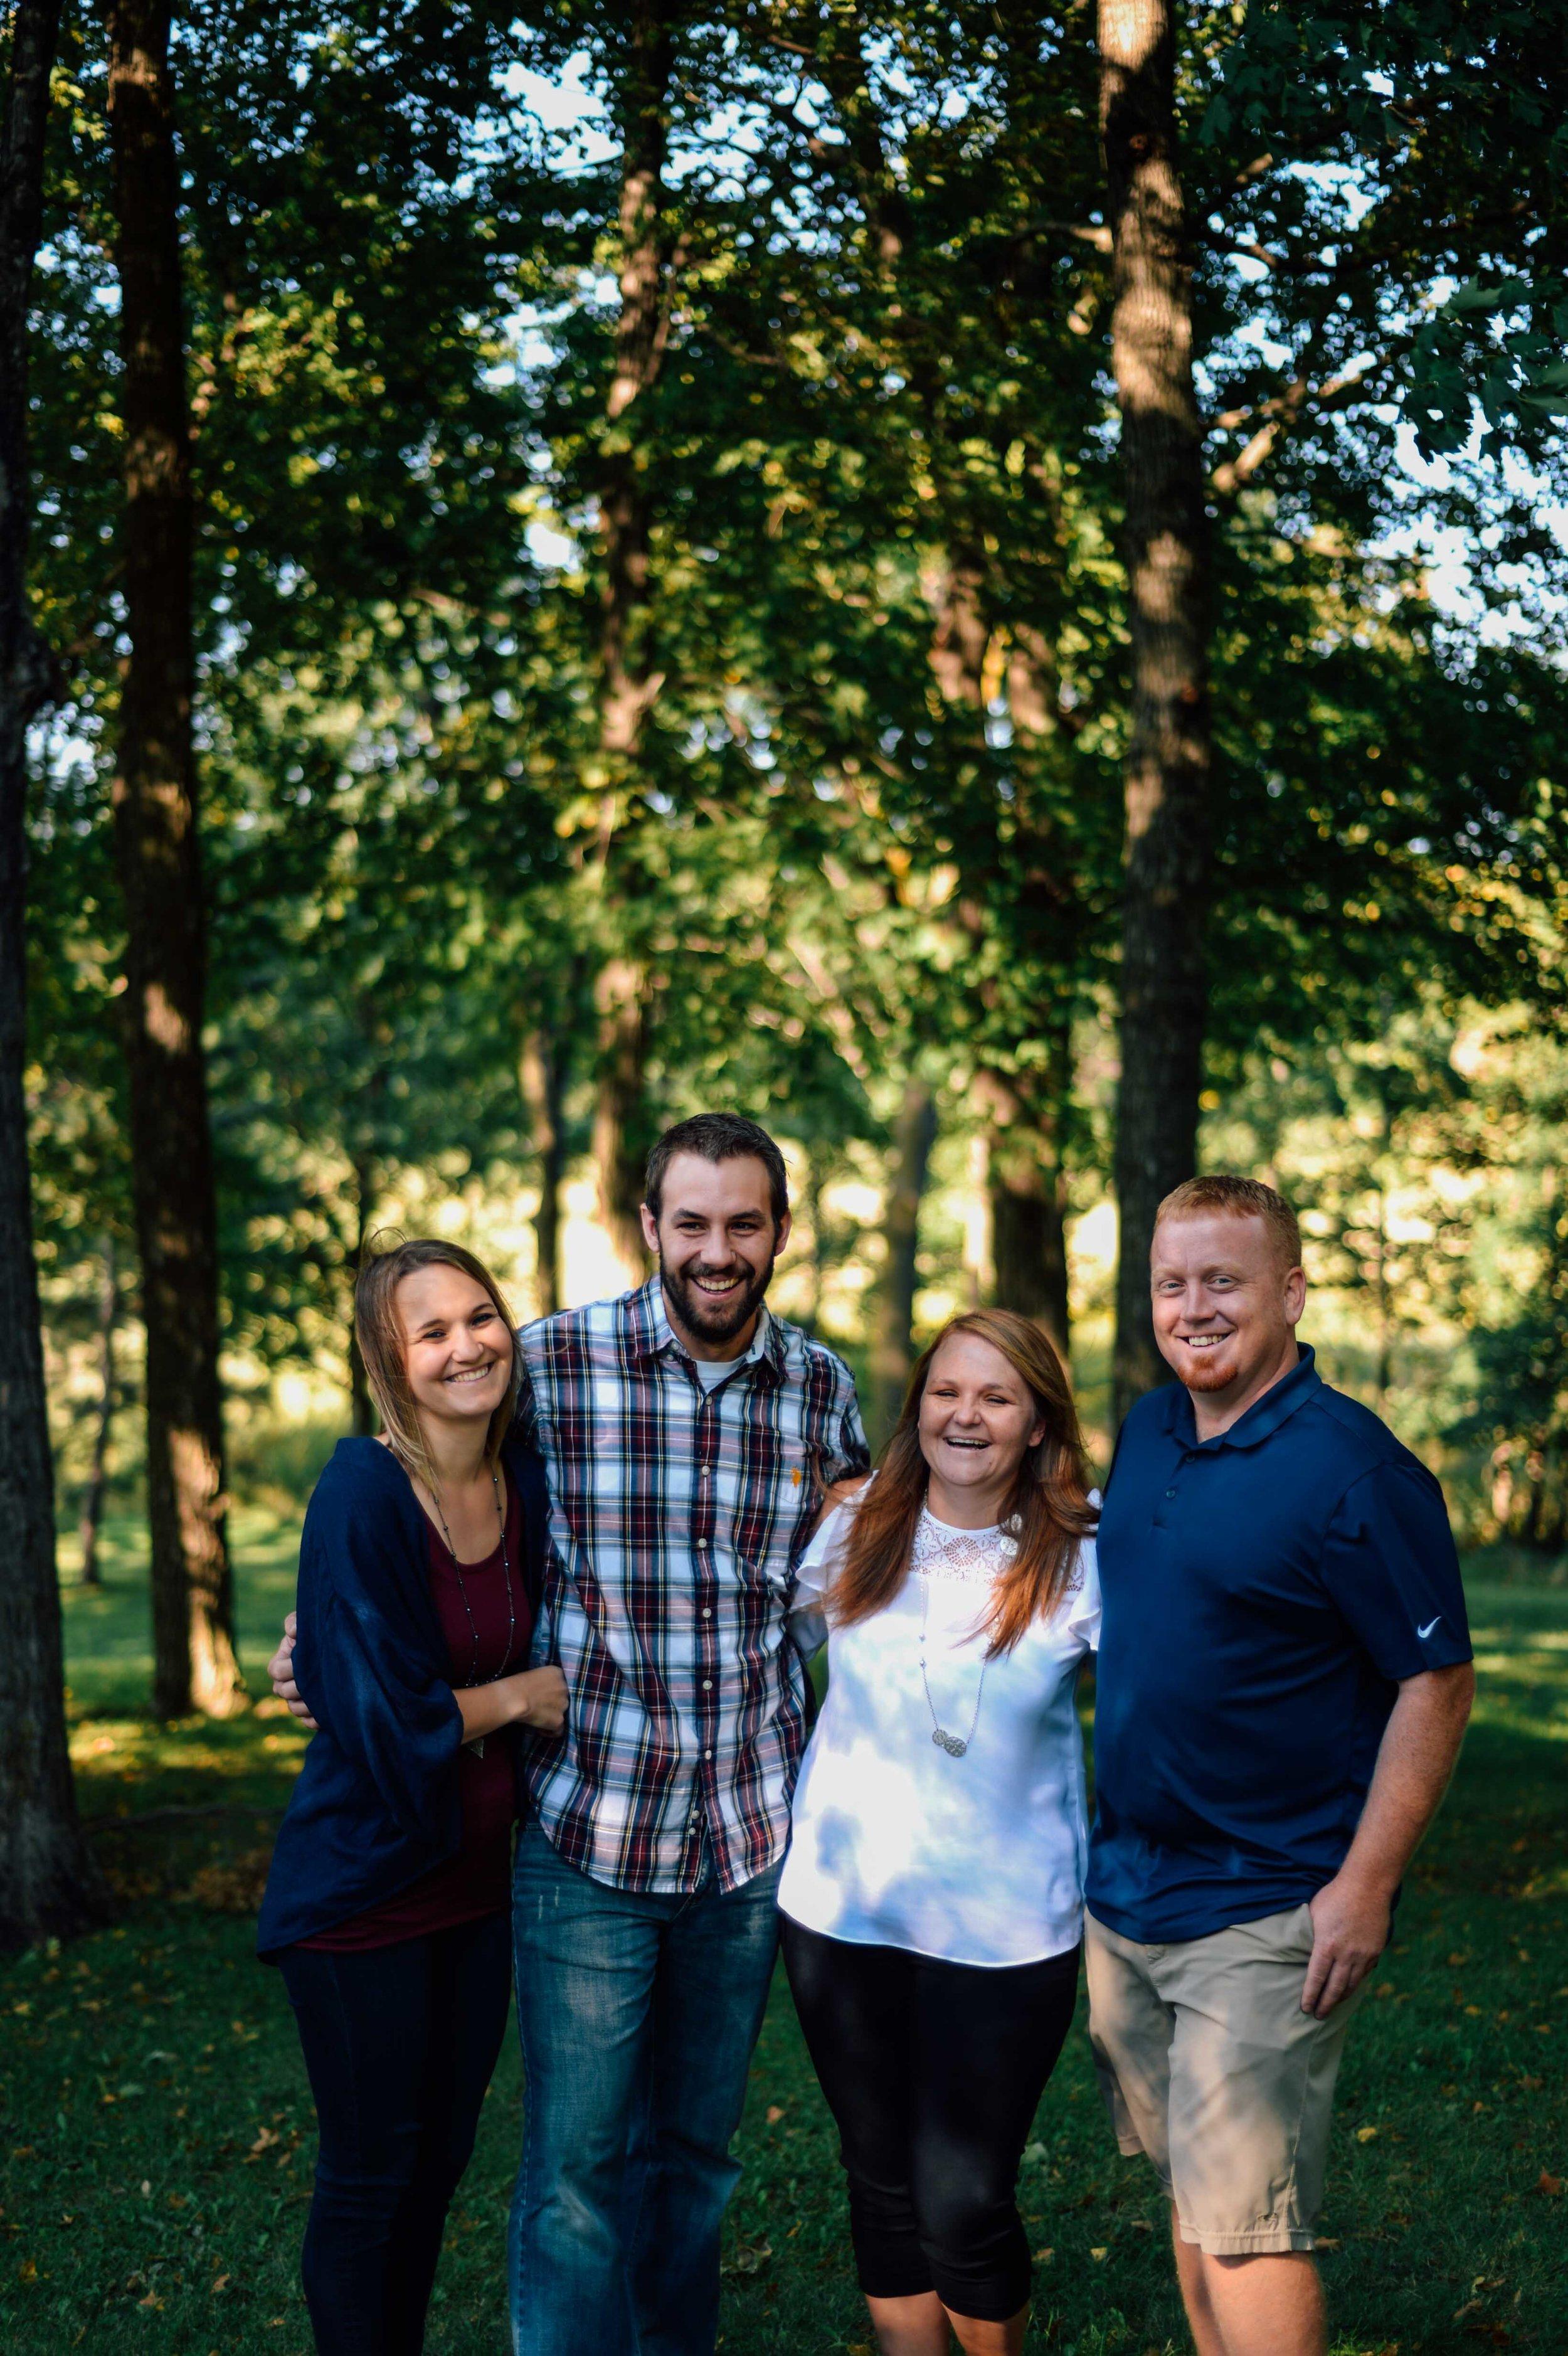 Tvogt Family-158.jpg